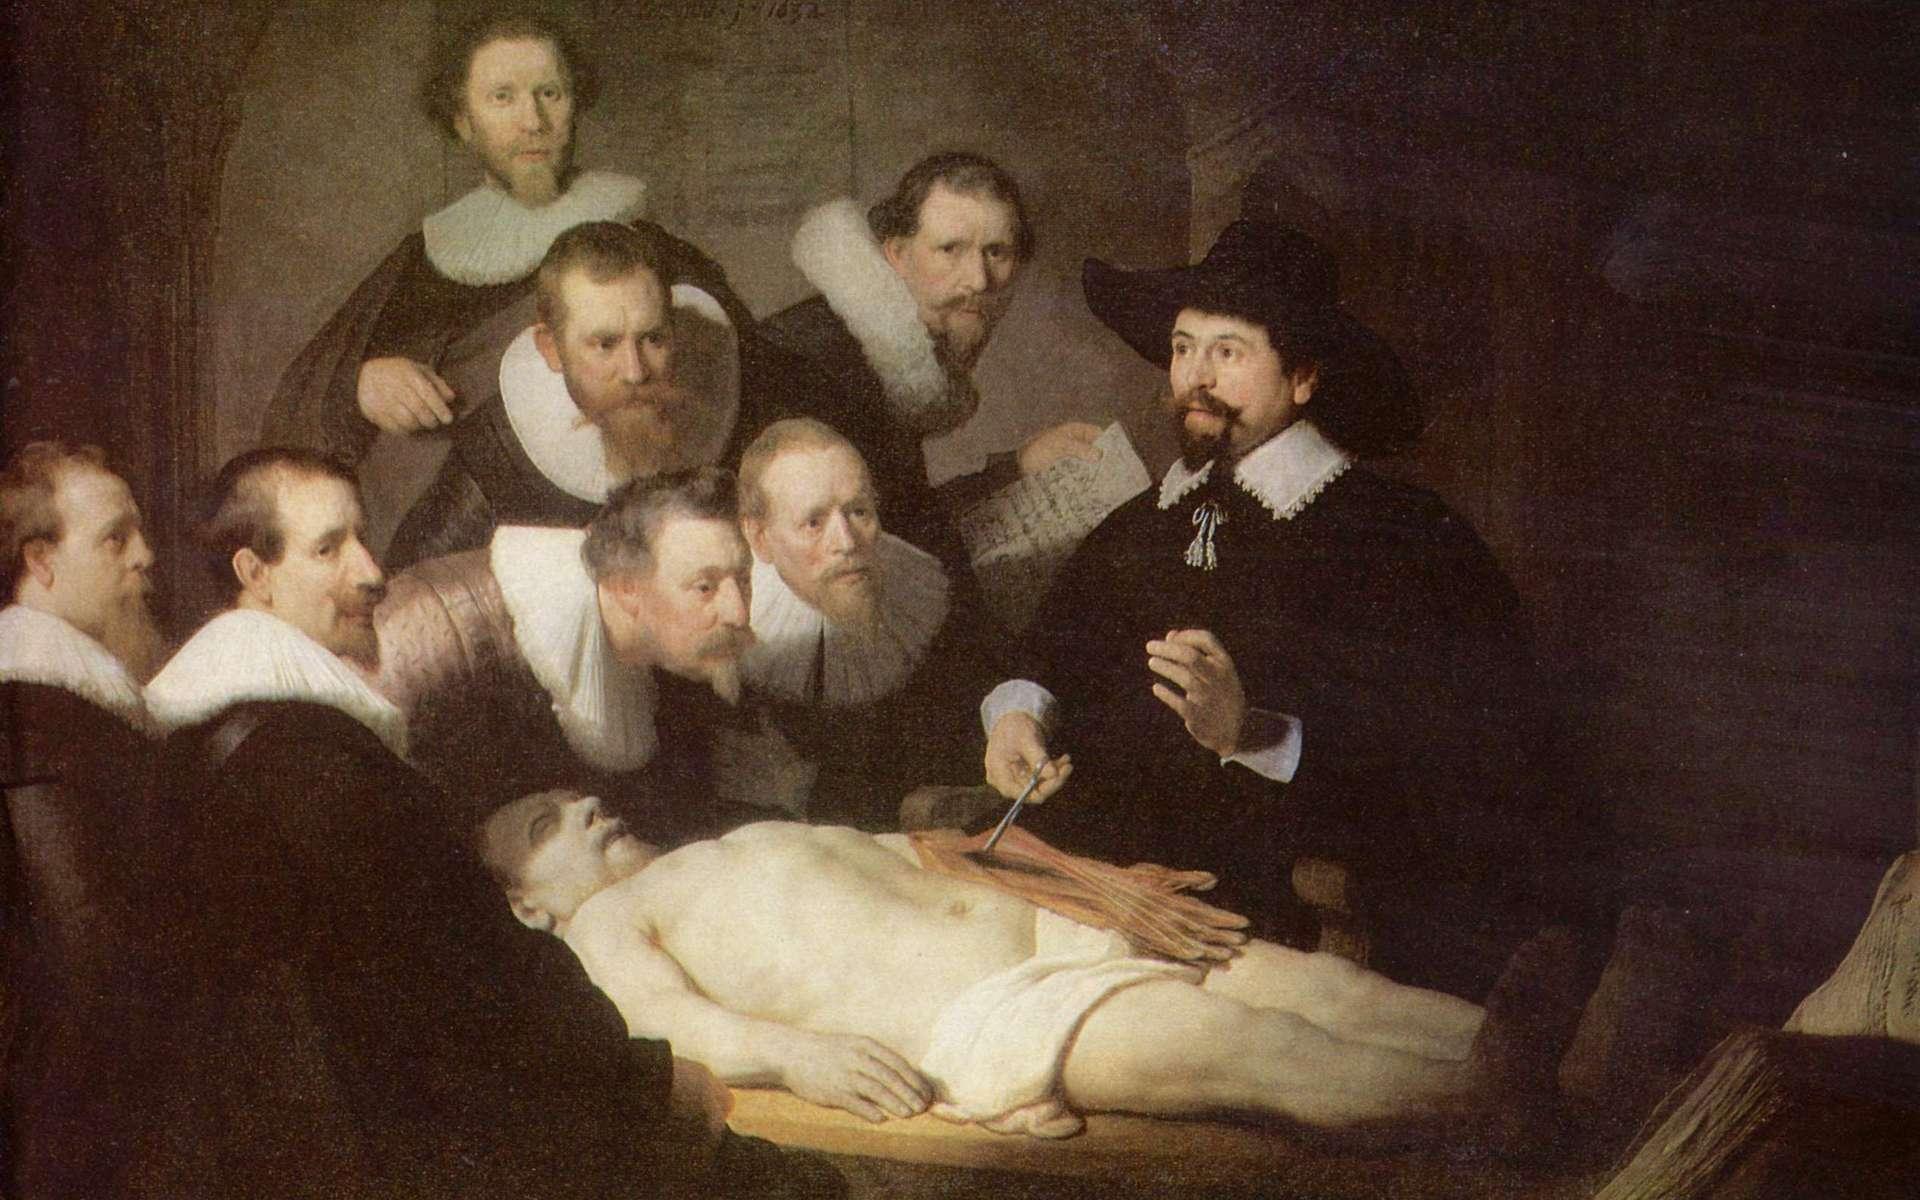 Donner son corps à la science a pour but d'améliorer notre connaissance du corps humain. Le don d'organe, lui, est destiné à sauver une personne en attente de greffe d'un organe. © La leçon d'anatomie (Rembrandt), domaine public, Yorck Project